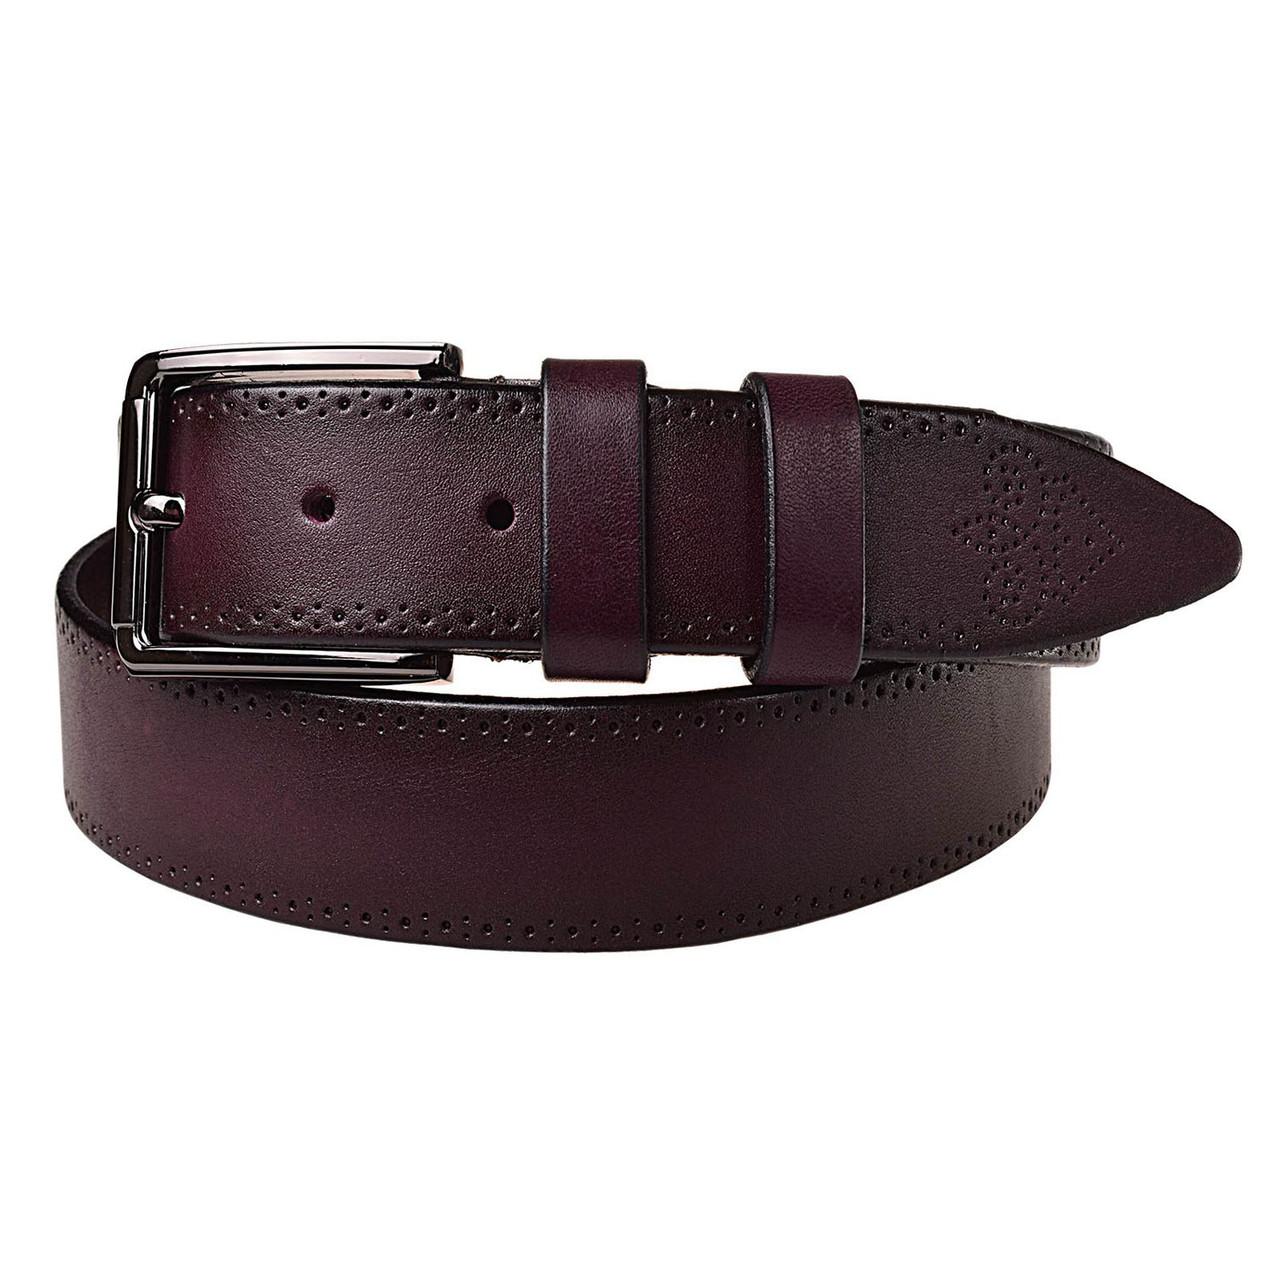 Натуральная кожаный мужской ремень JK баклажан (MC352257123)